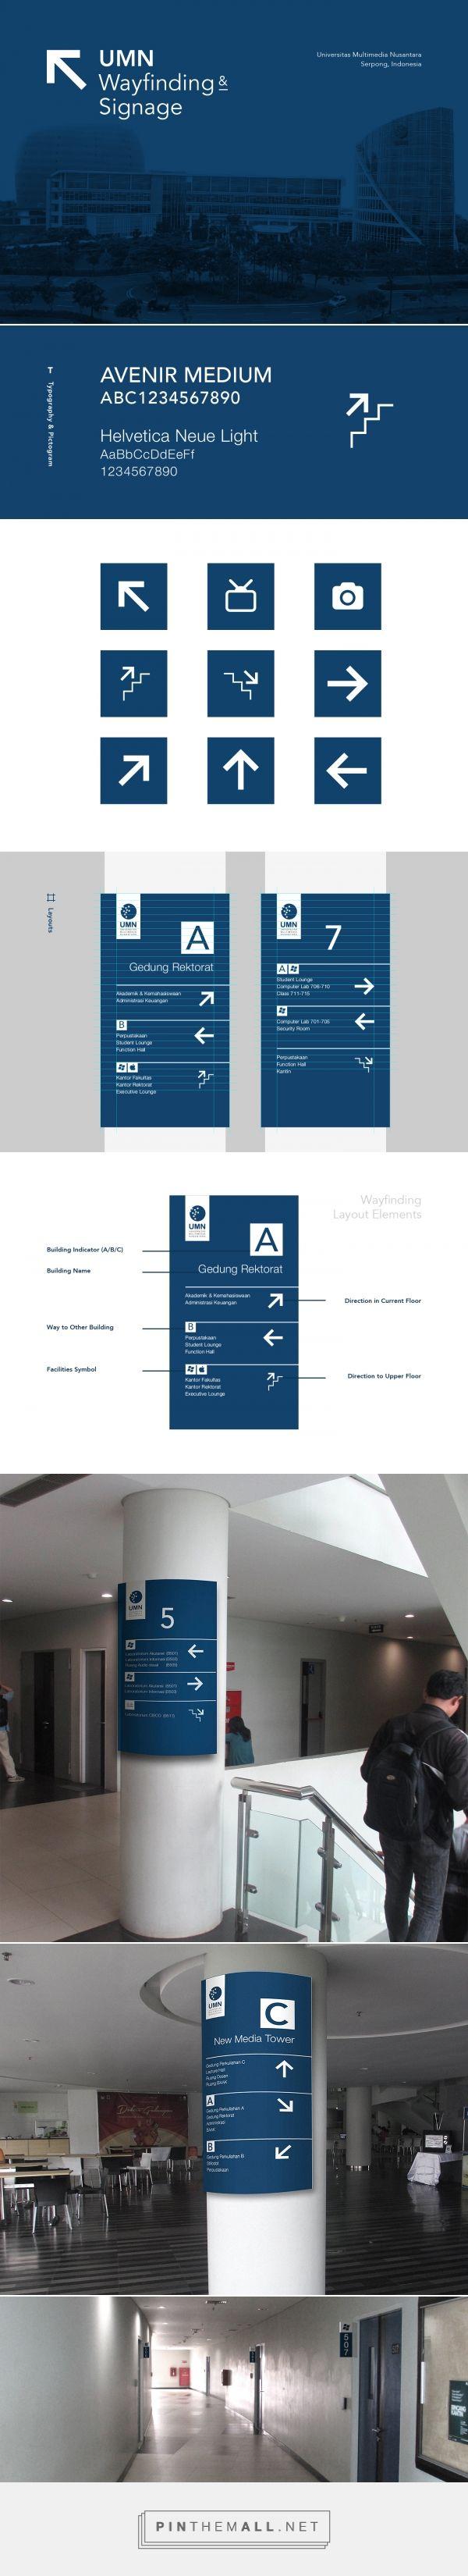 UMN Wayfinding & Signage by Edwin @udnhz on Behance